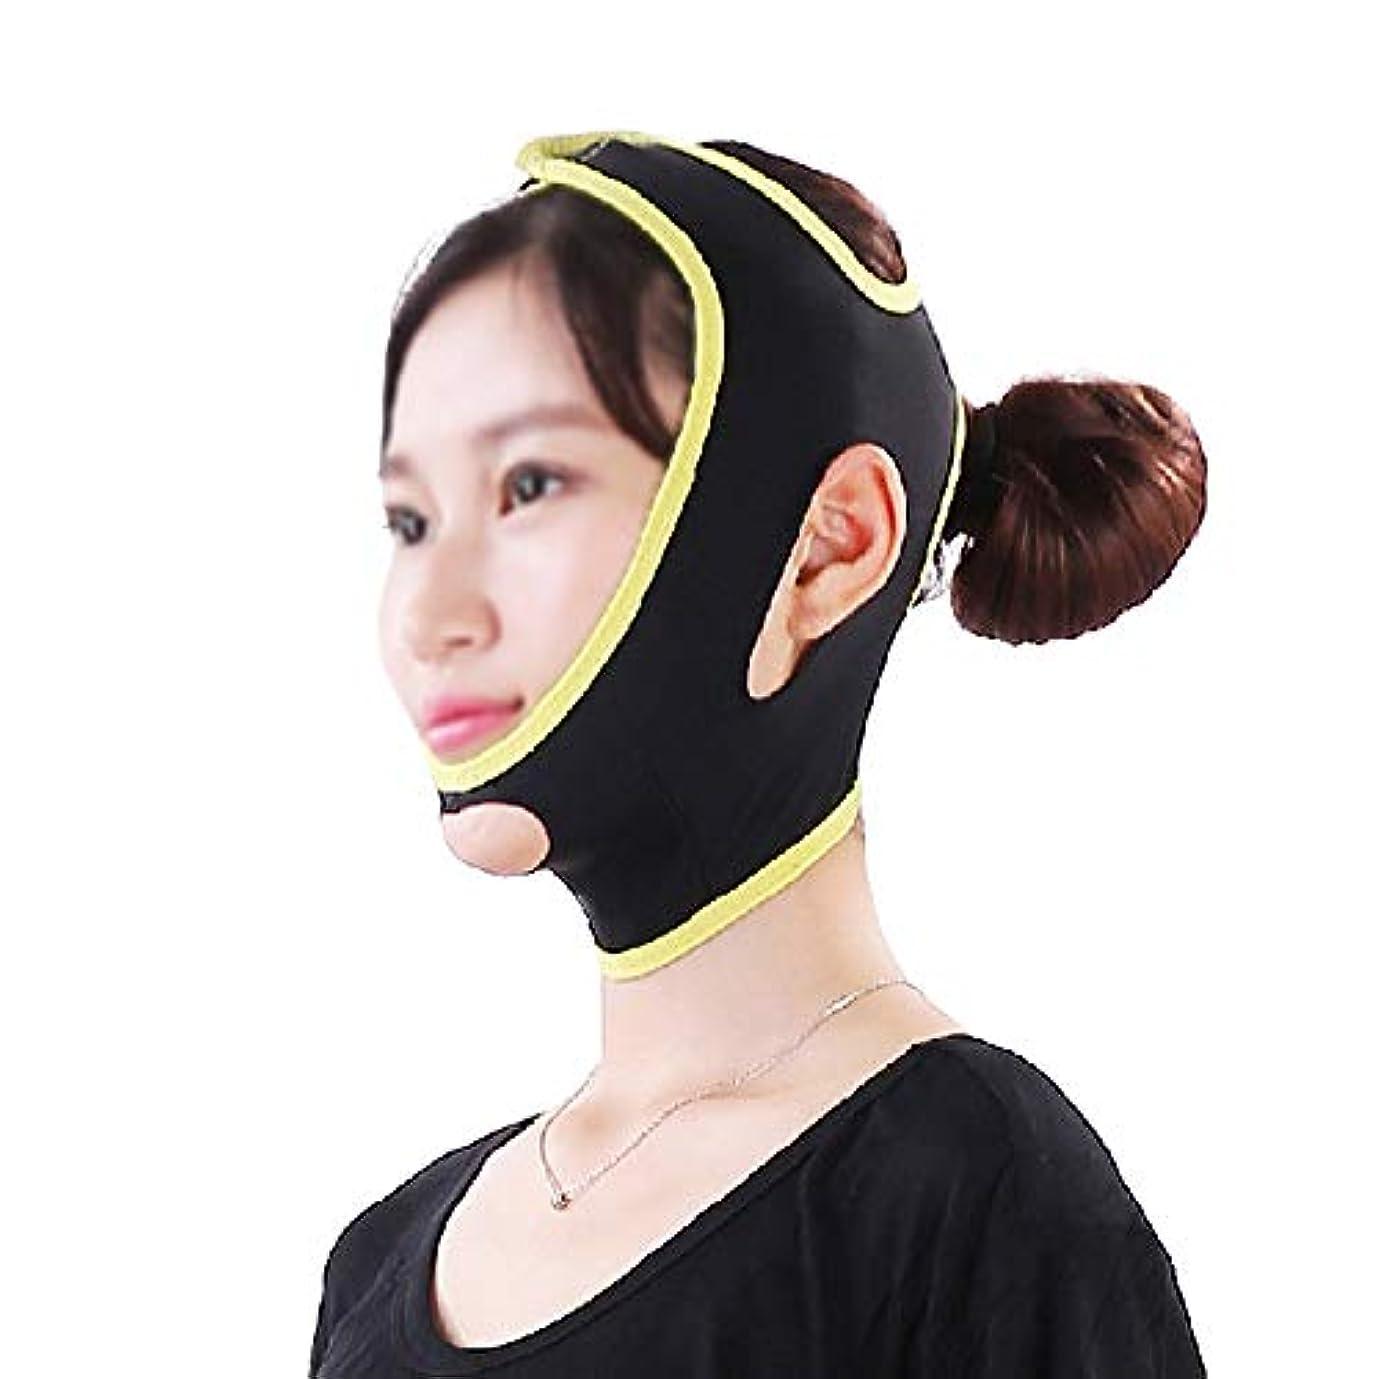 布品望ましいGLJJQMY 顔と首のリフトVマスクは顔面の輪郭を強調し、咬筋の引き締まったあごの超弾性包帯を緩和します 顔用整形マスク (Size : L)